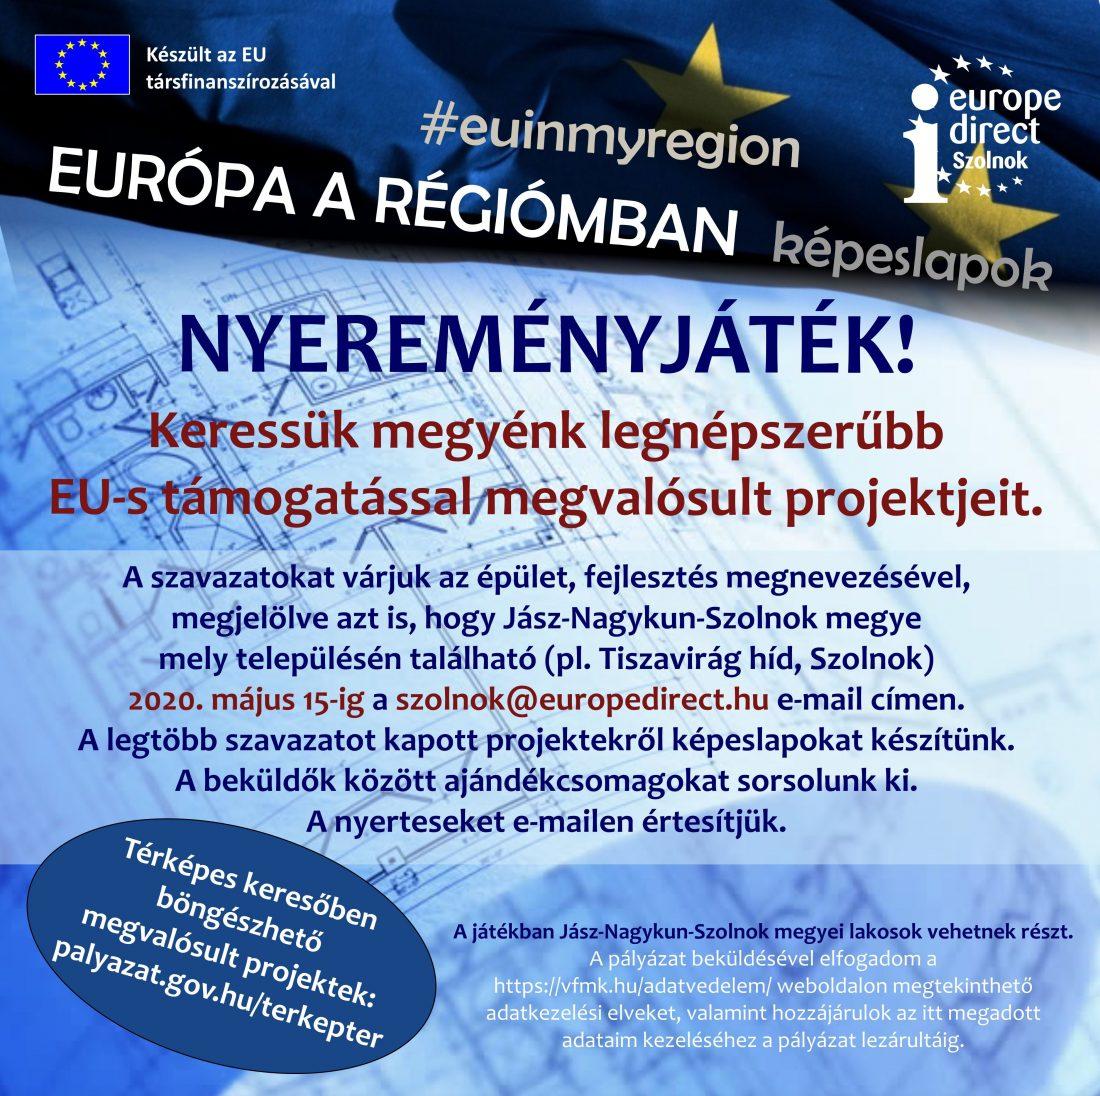 2020. EURÓPA A RÉGIÓMBAN - NYEREMÉNYJÁTÉK. Plakát